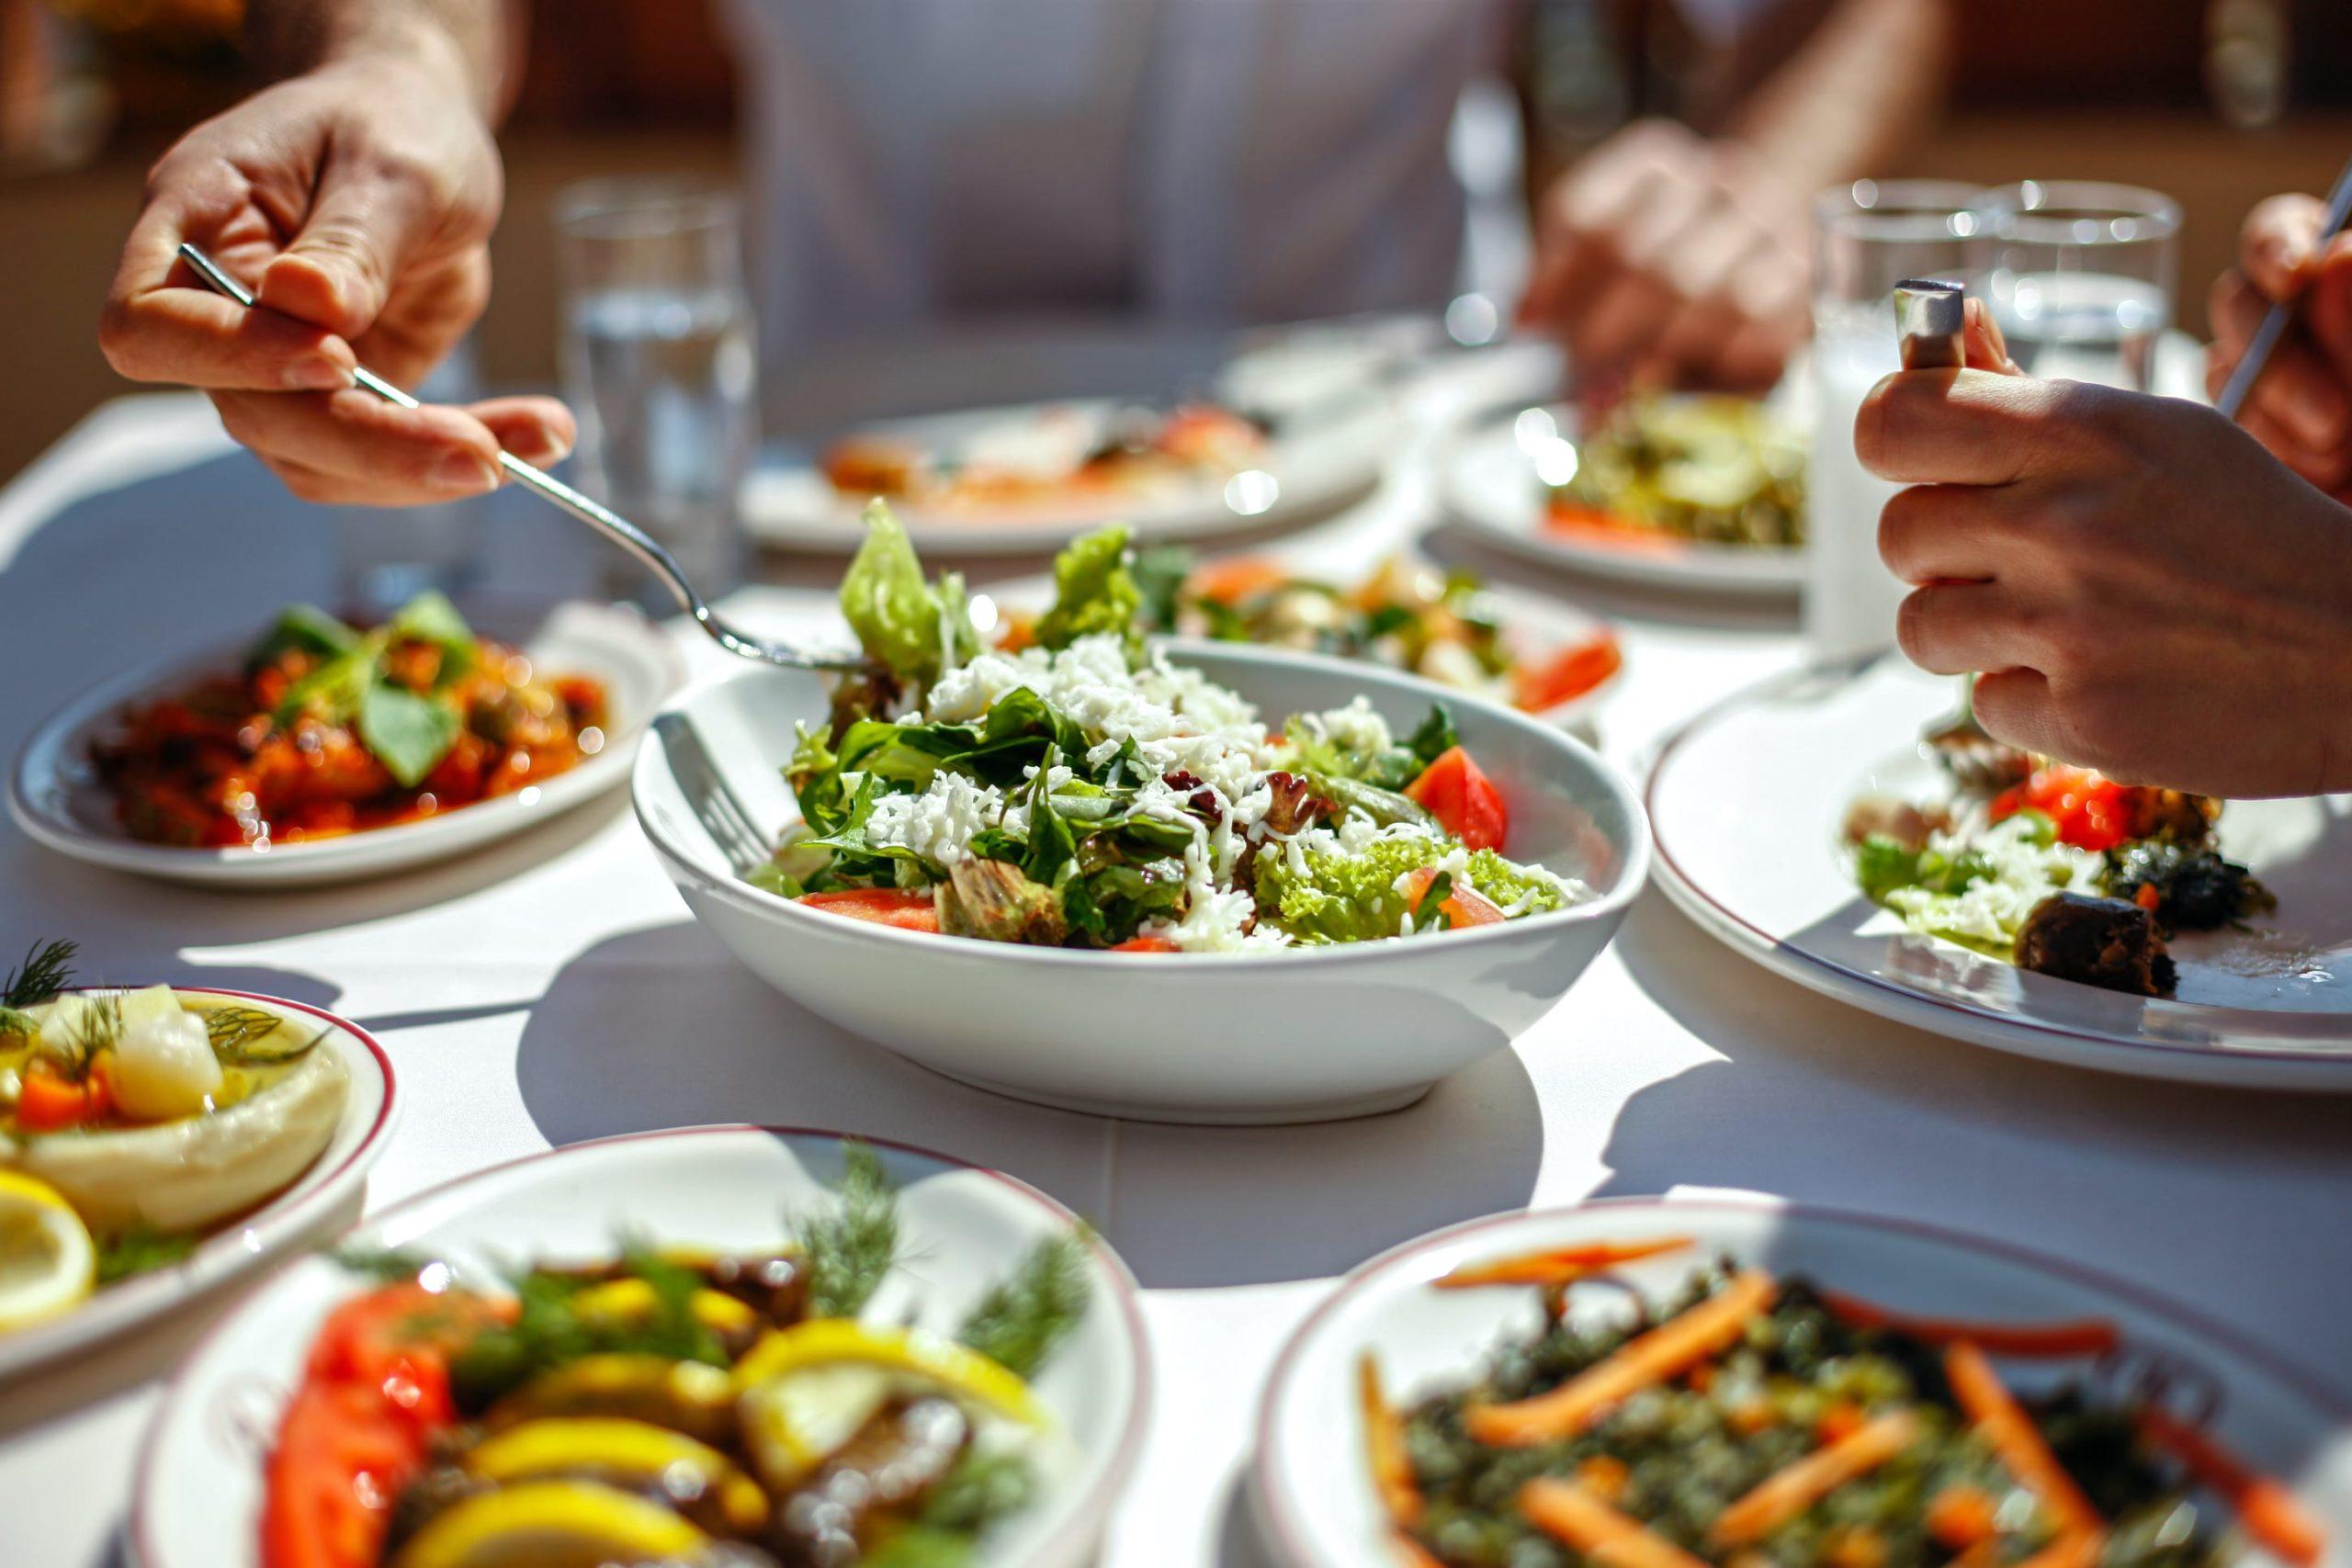 omslagsbild på matbord med salladsrätter